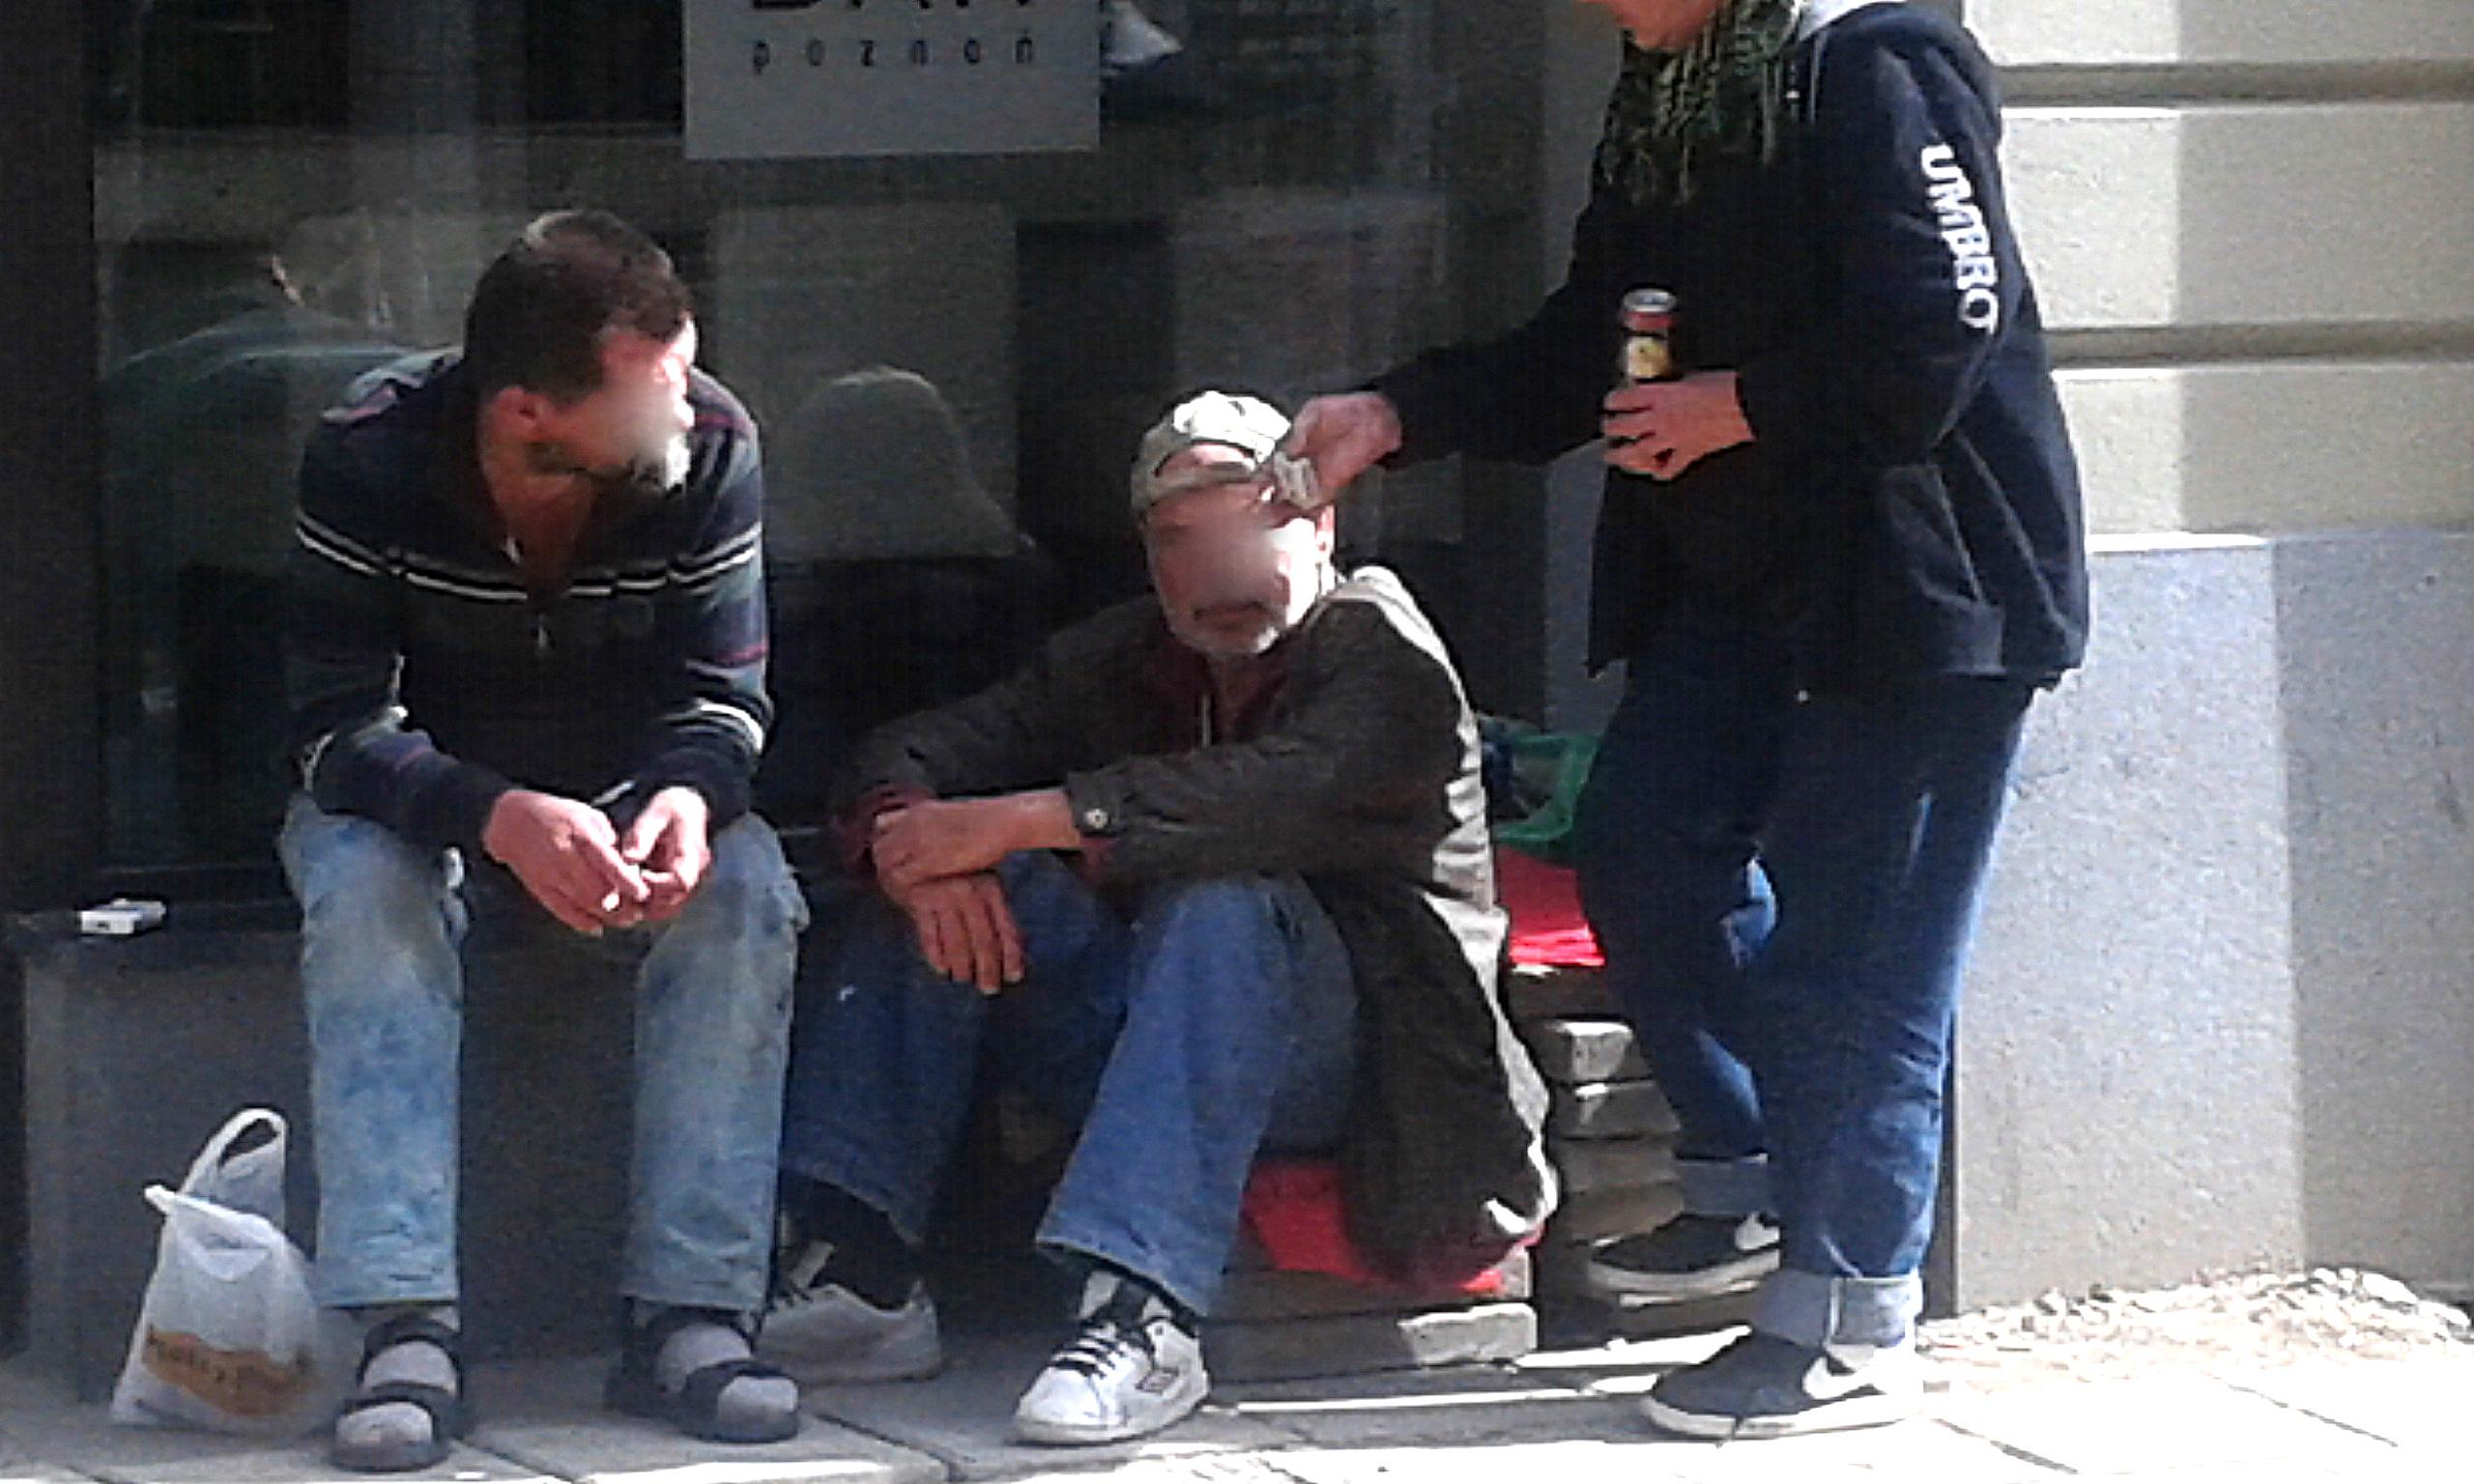 Fot. 2. Osoby prawdopodobnie bezdomne i bezrobotne, spożywający alkohol na ulicy Wrocławskiej, wykonanie własne 15.09.2015